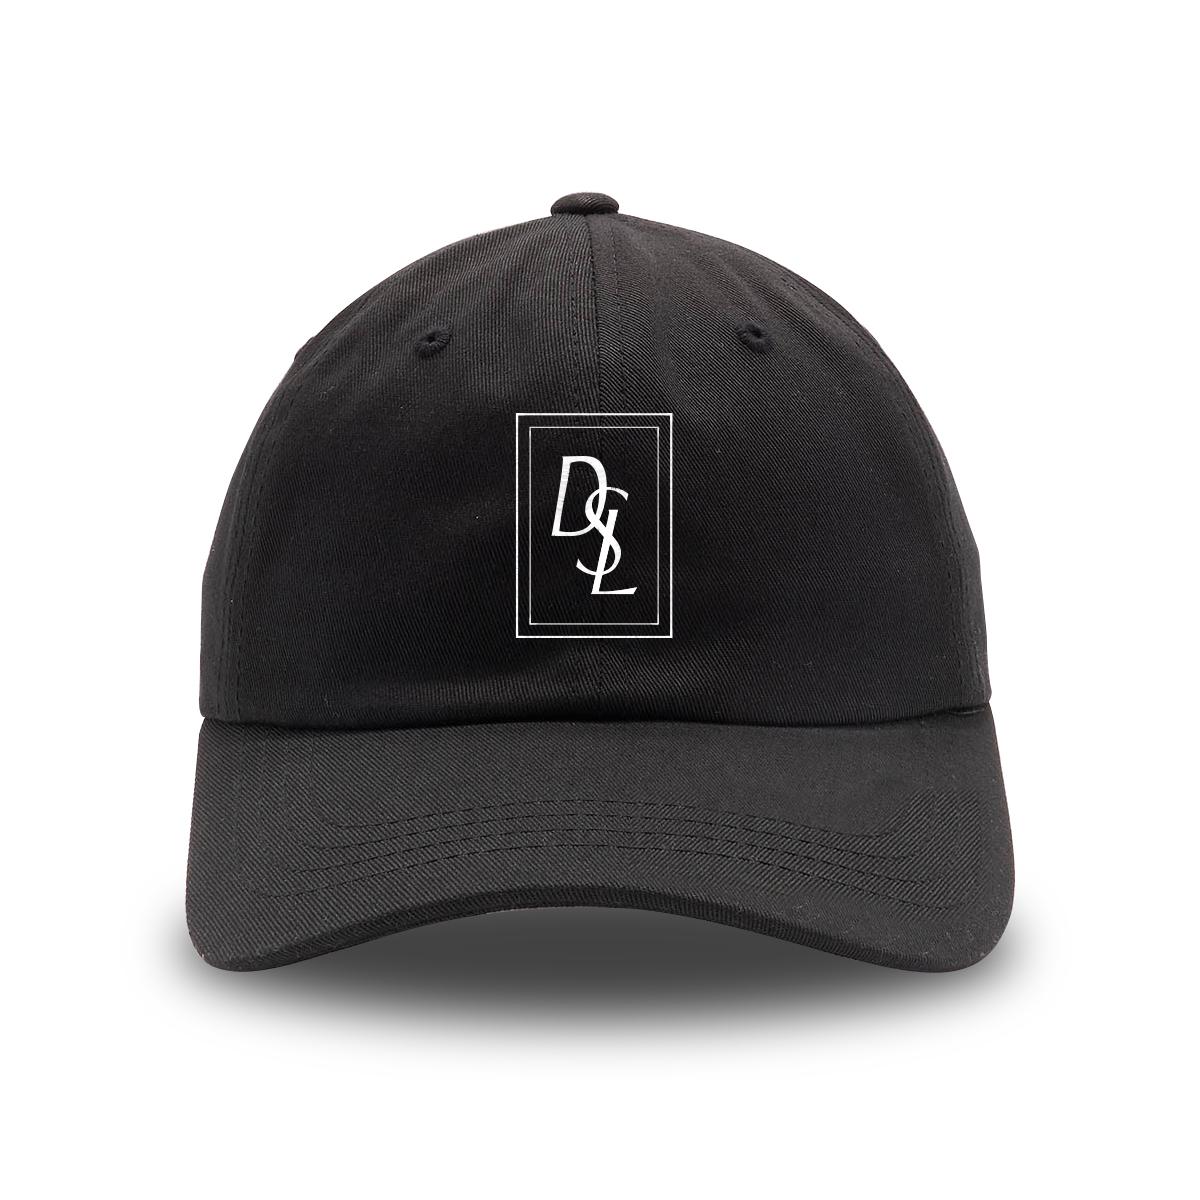 DSL Hat [Black]